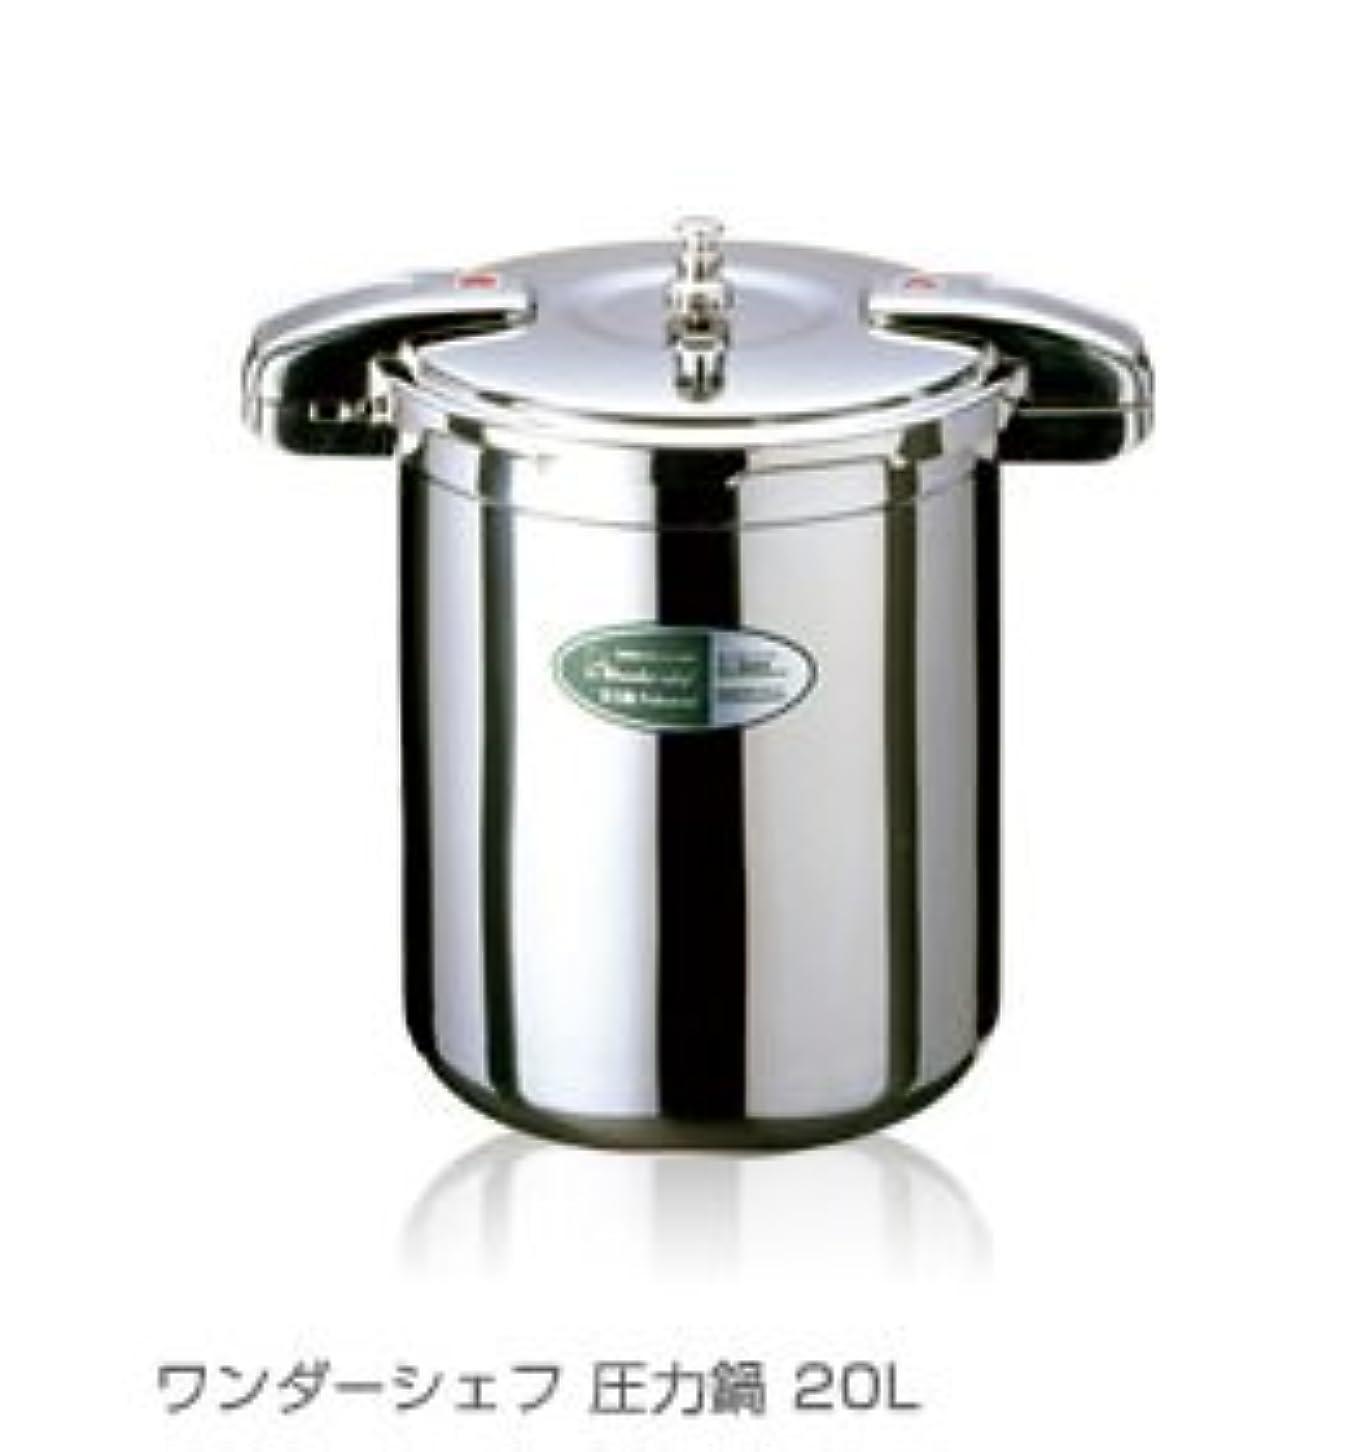 ピザコンテンポラリー年金受給者ワンダーシェフ 業務用圧力鍋 20L プロ仕様両手圧力鍋ビッグサイズ